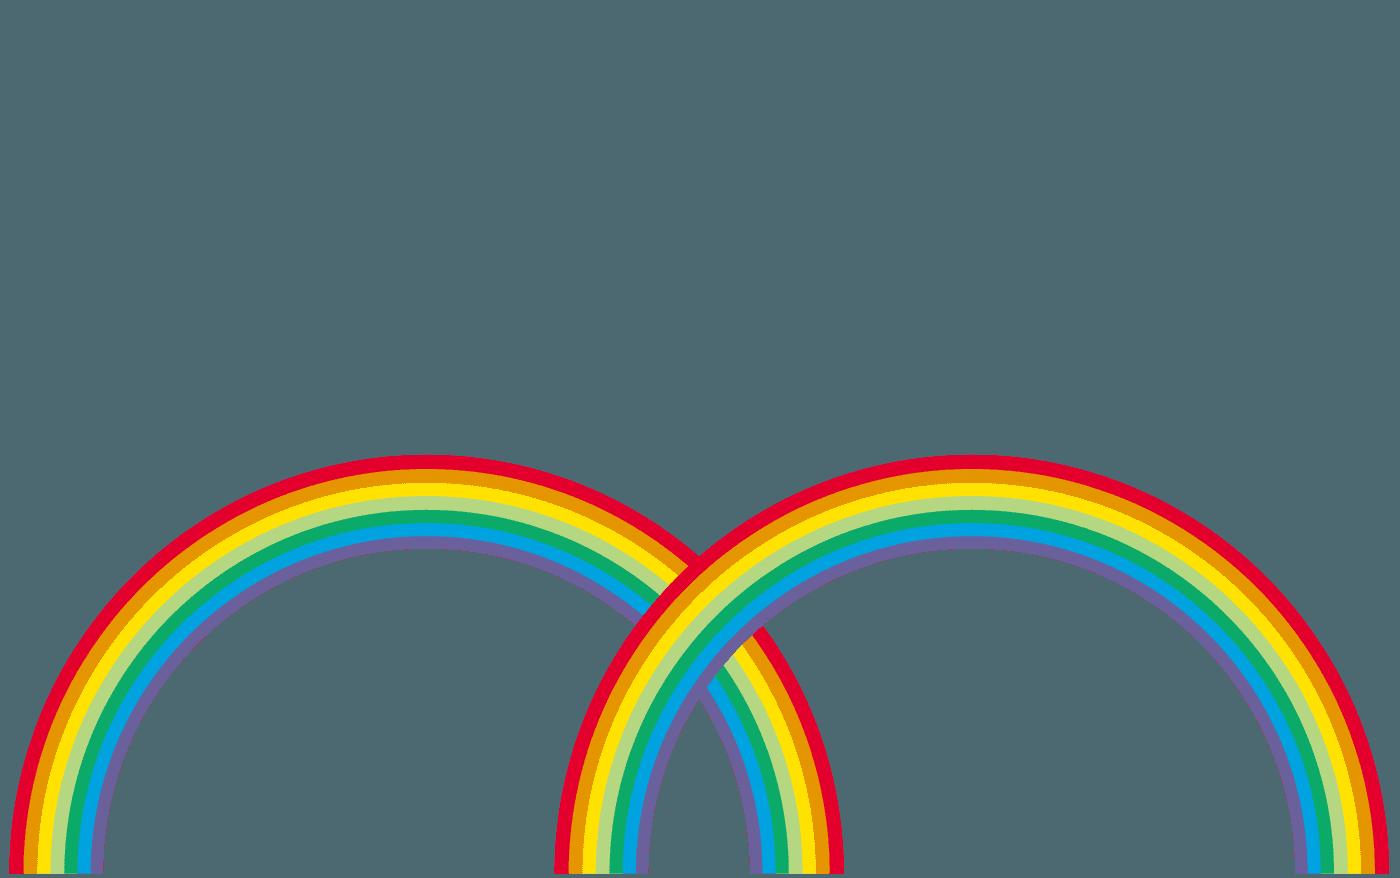 二股の虹イラスト